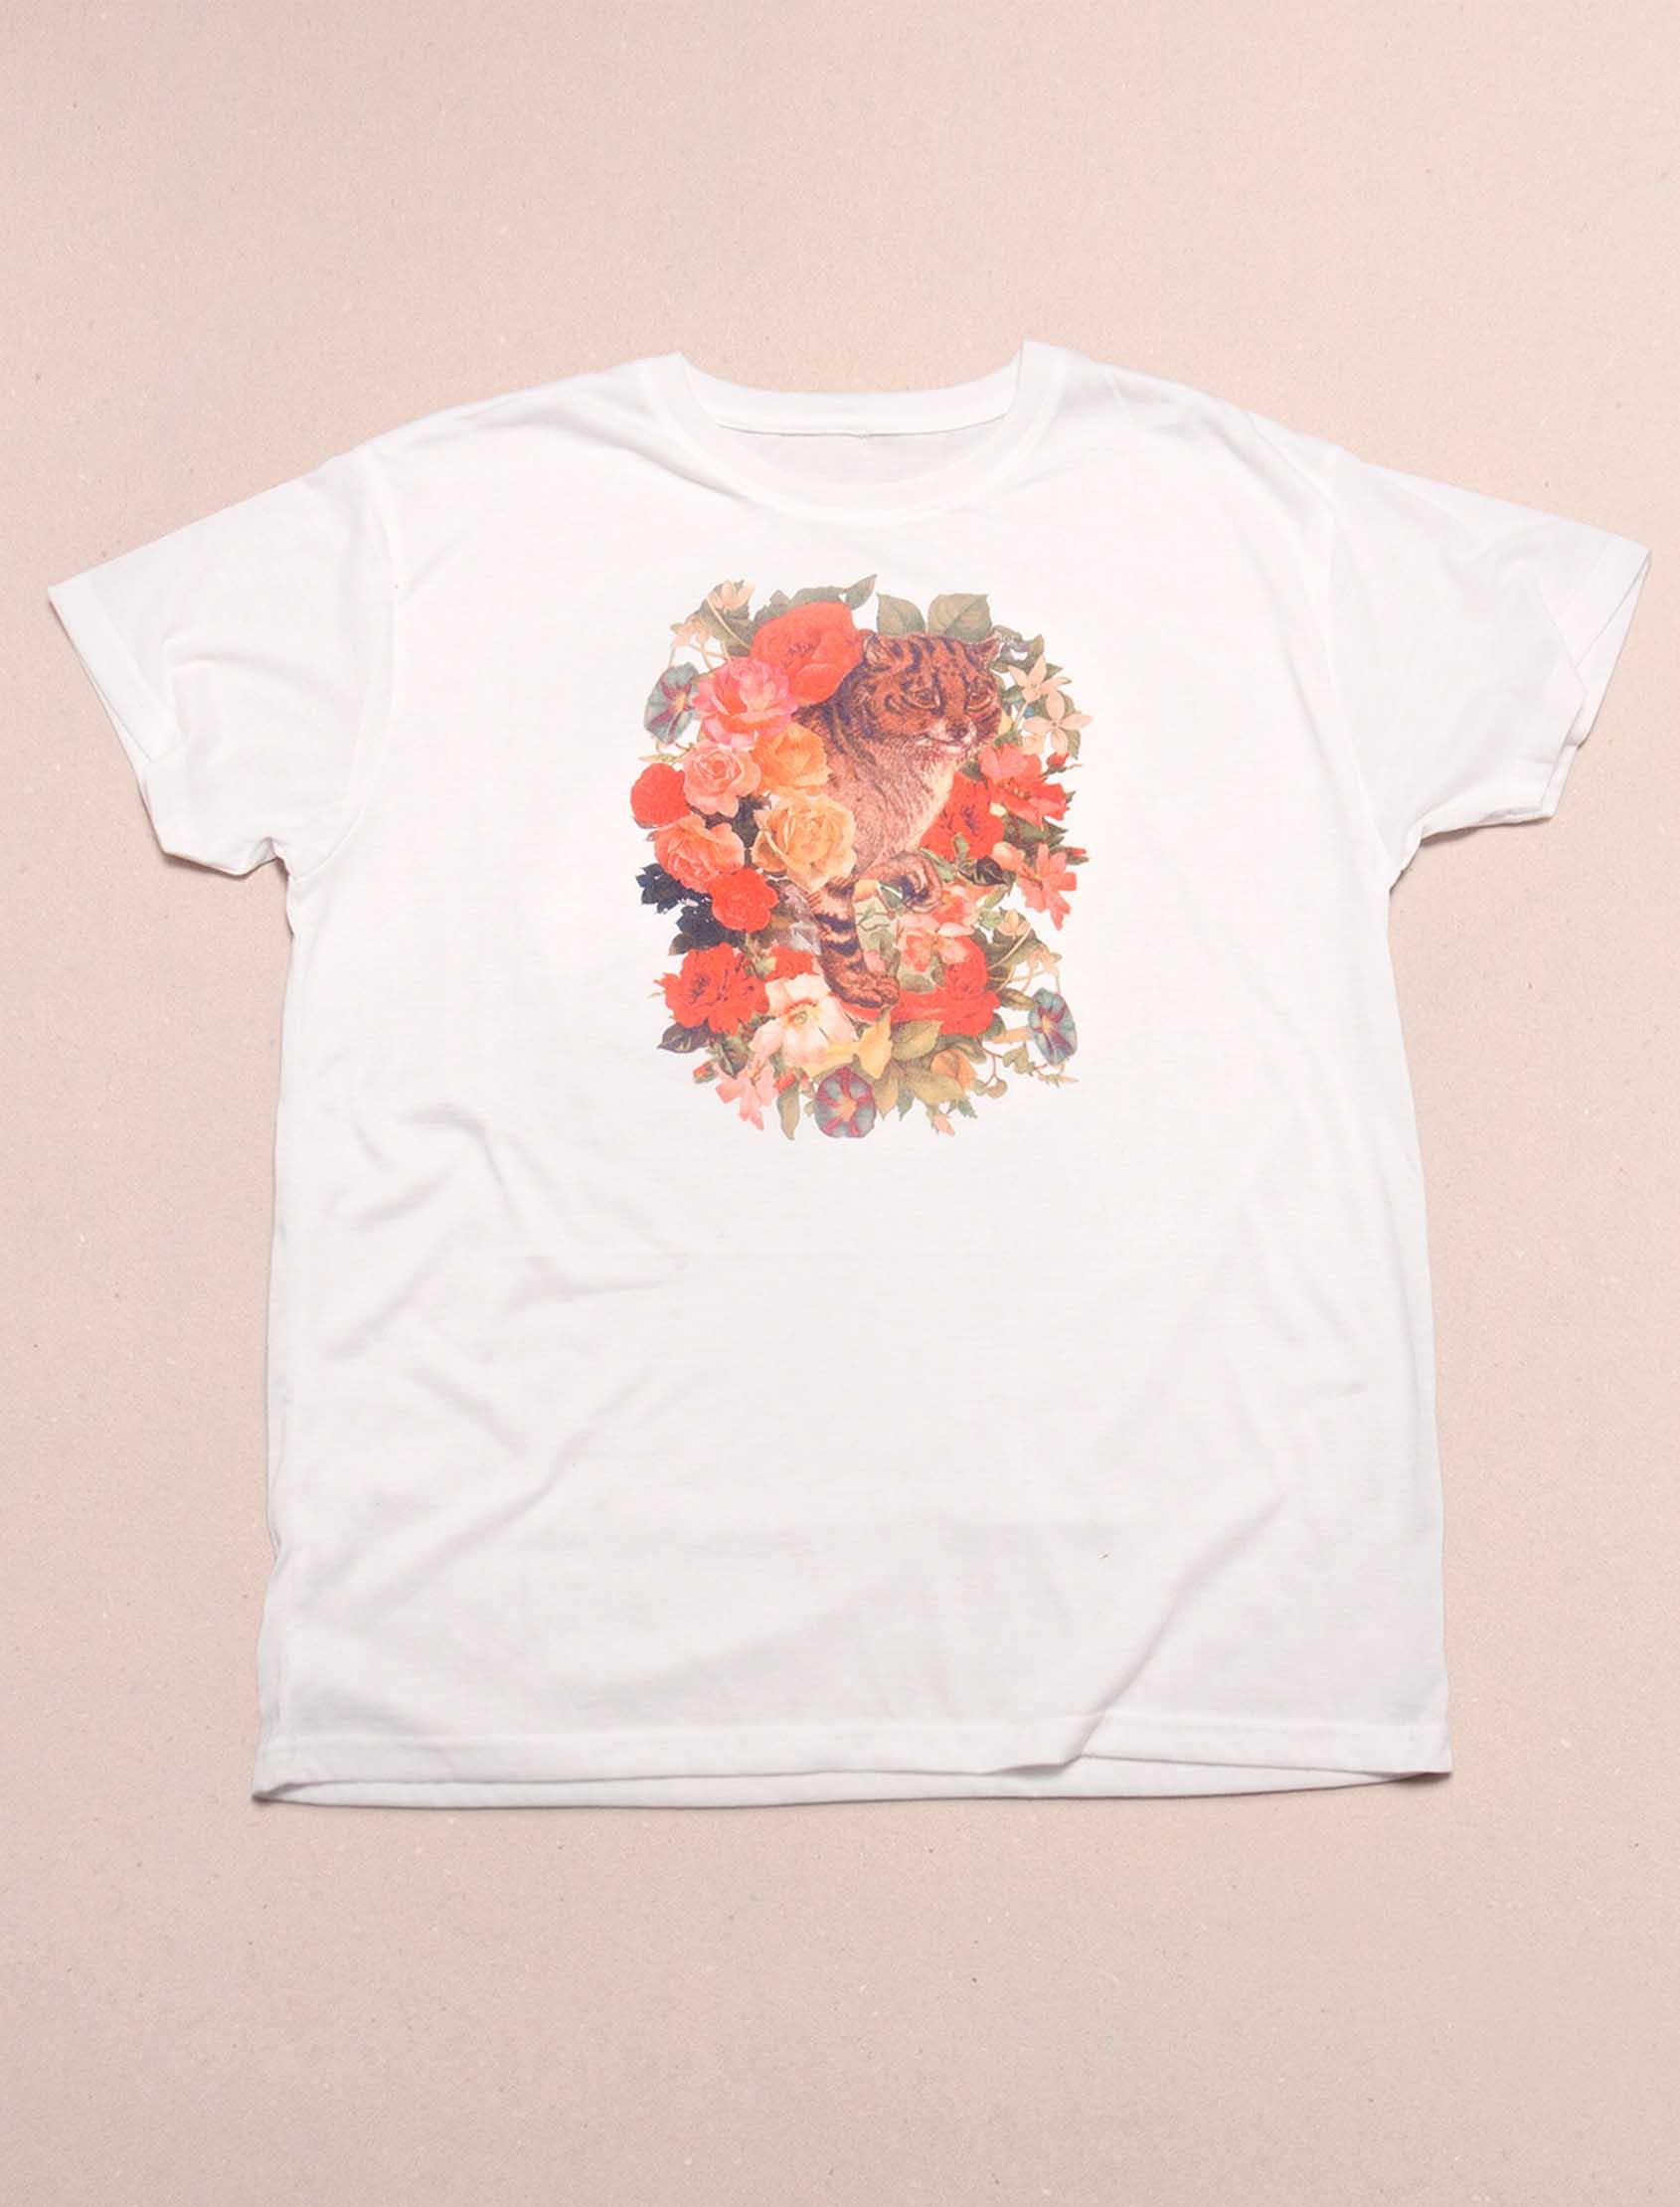 Camisetacat&rose_01